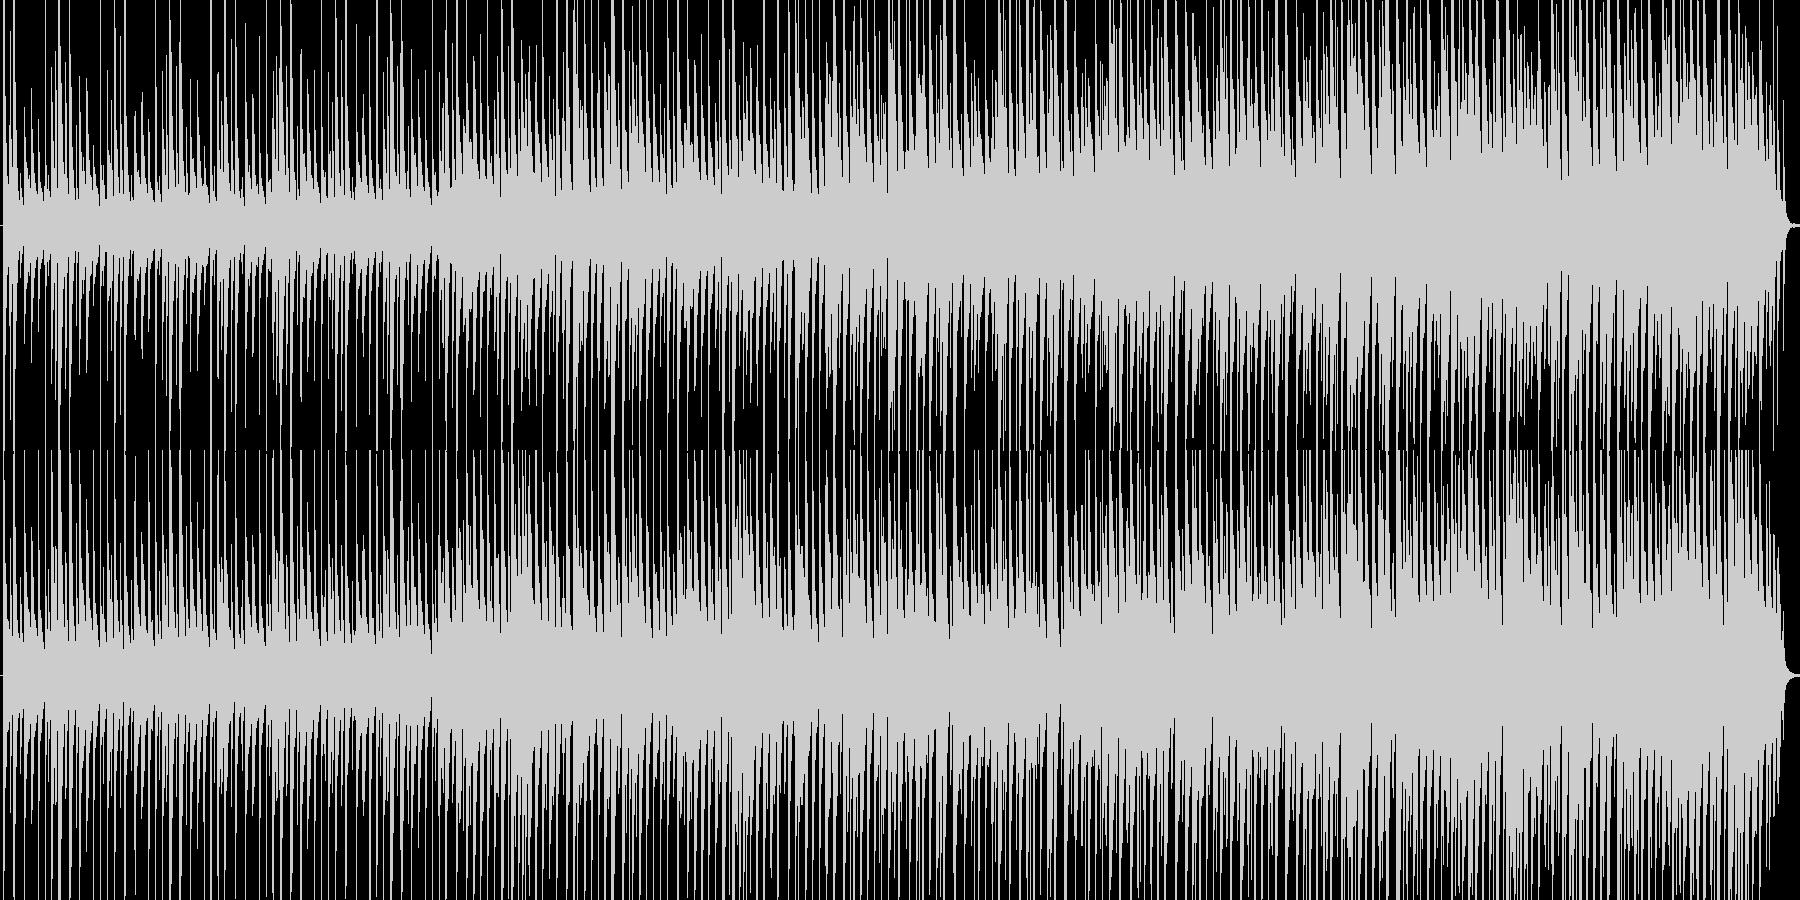 ラテンやアフリカンポップスの未再生の波形